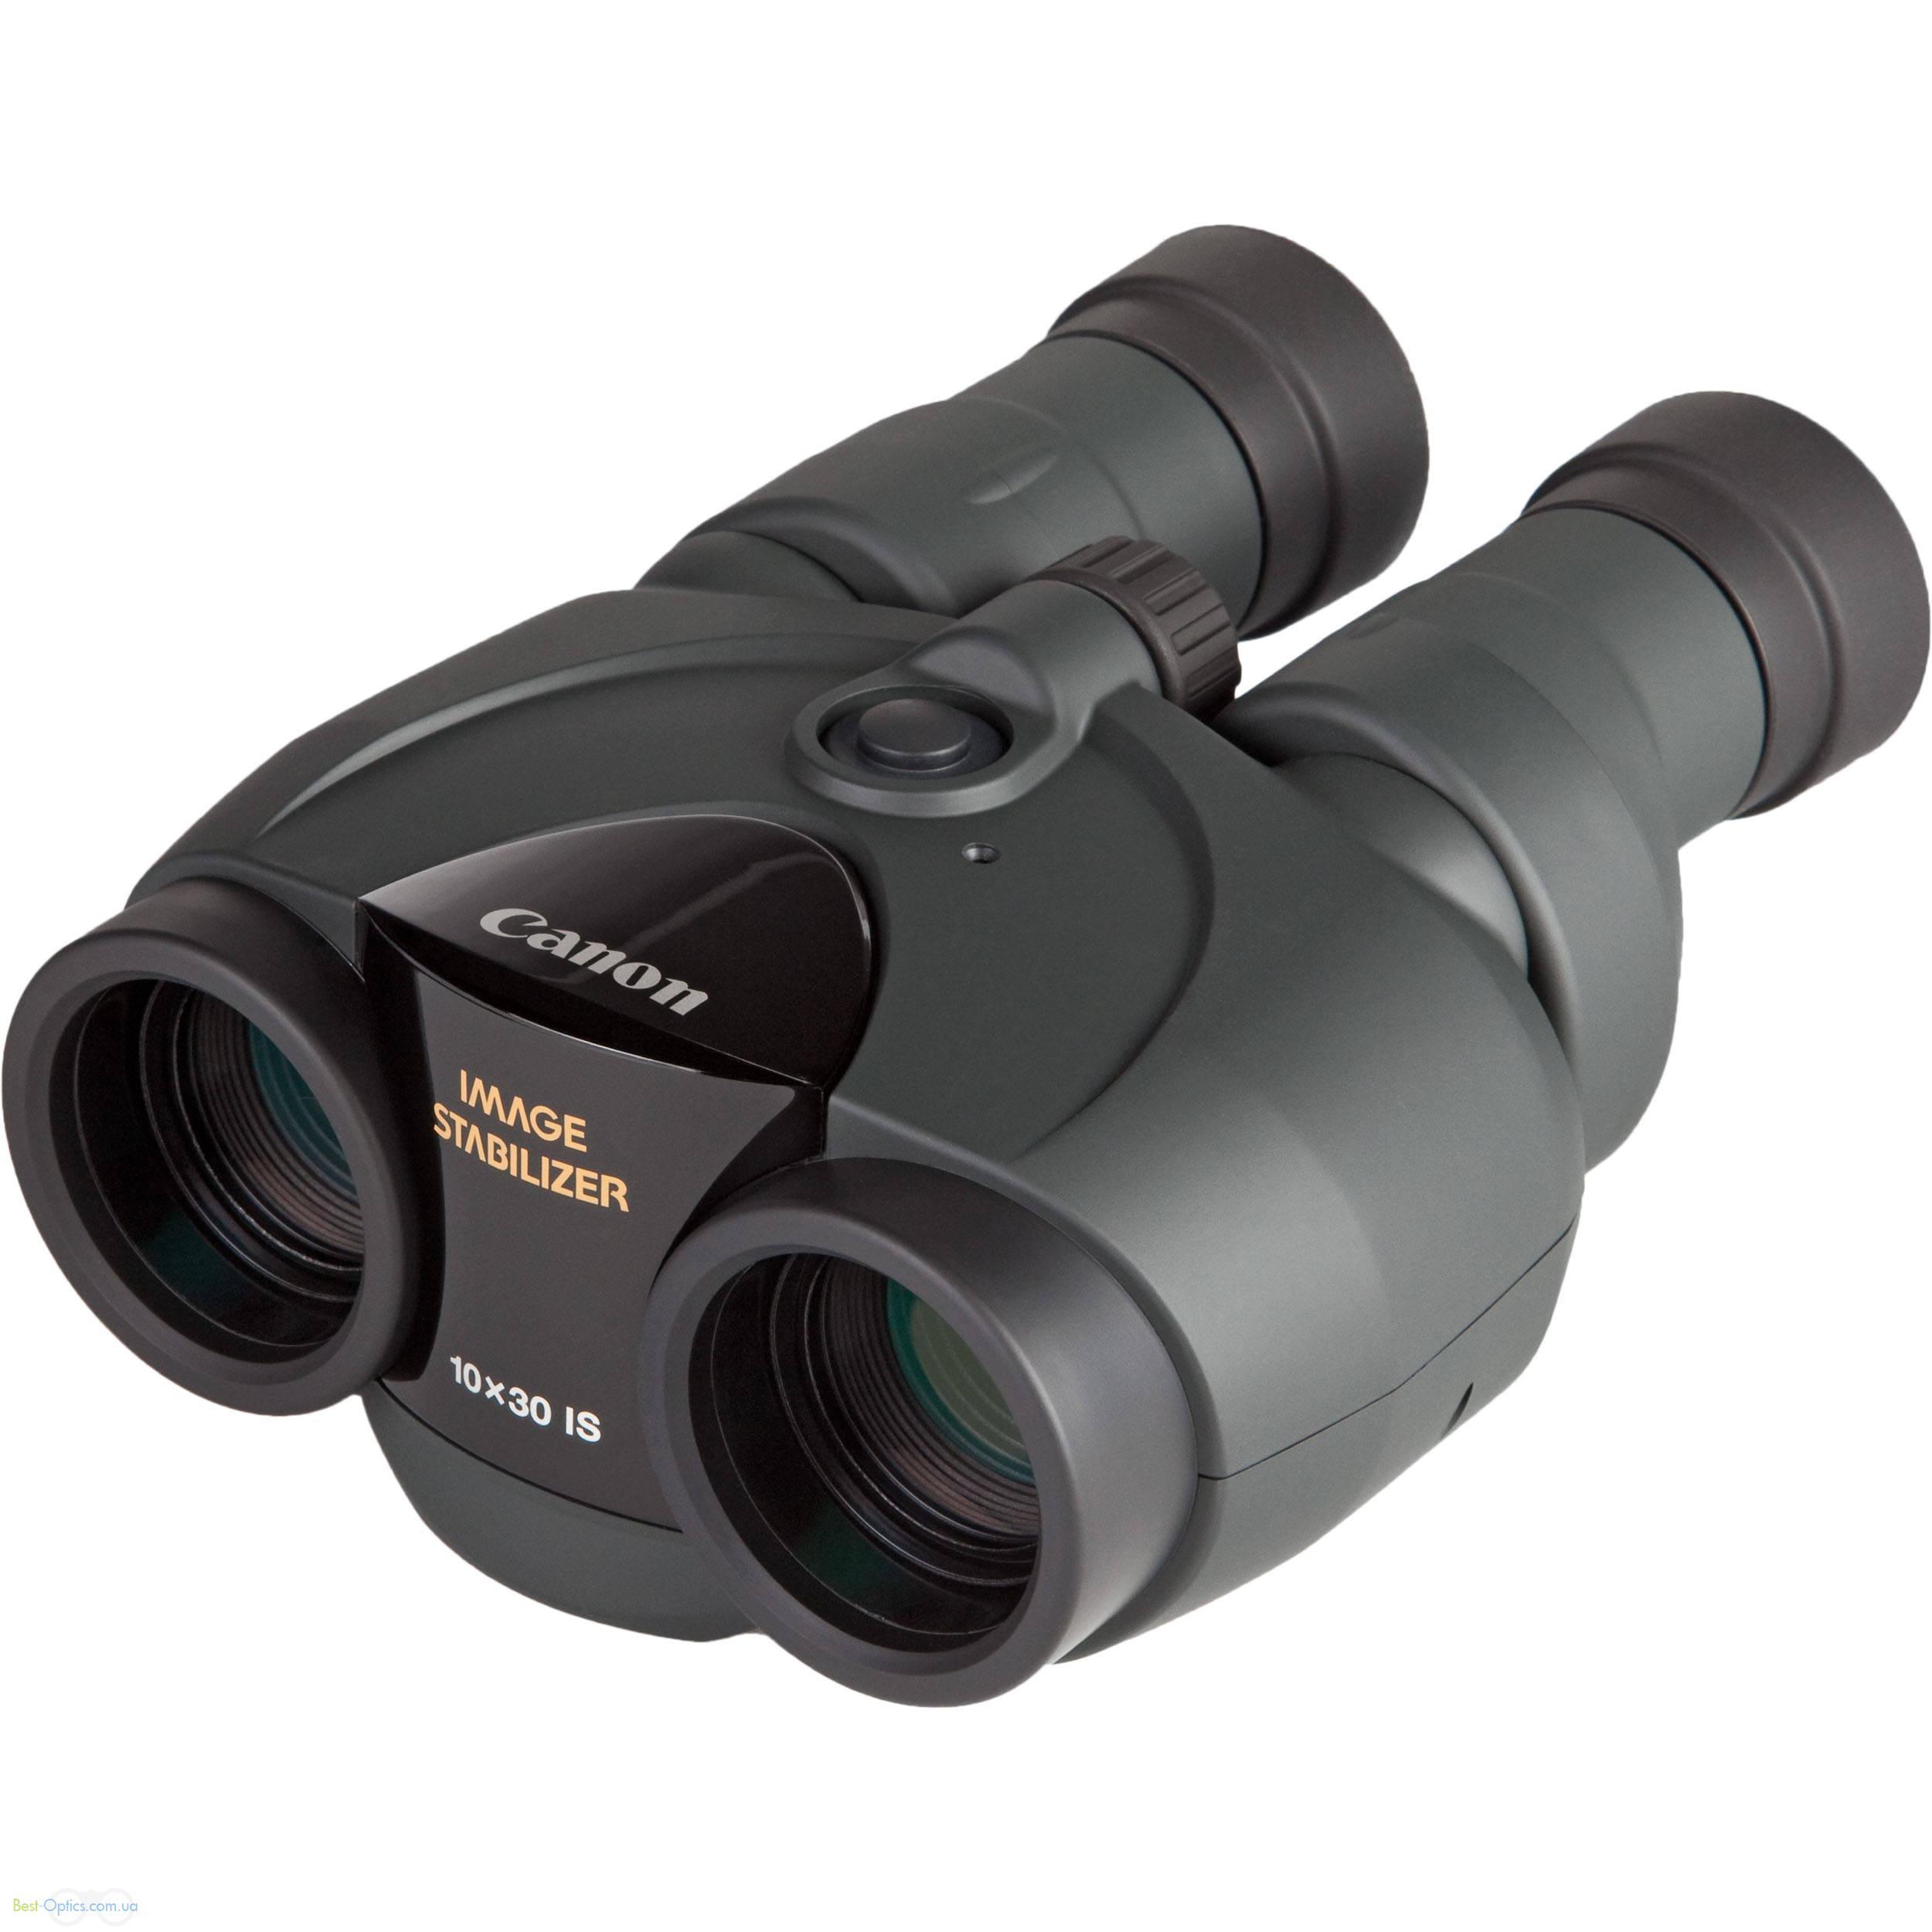 Бинокль Canon 10x30 IS